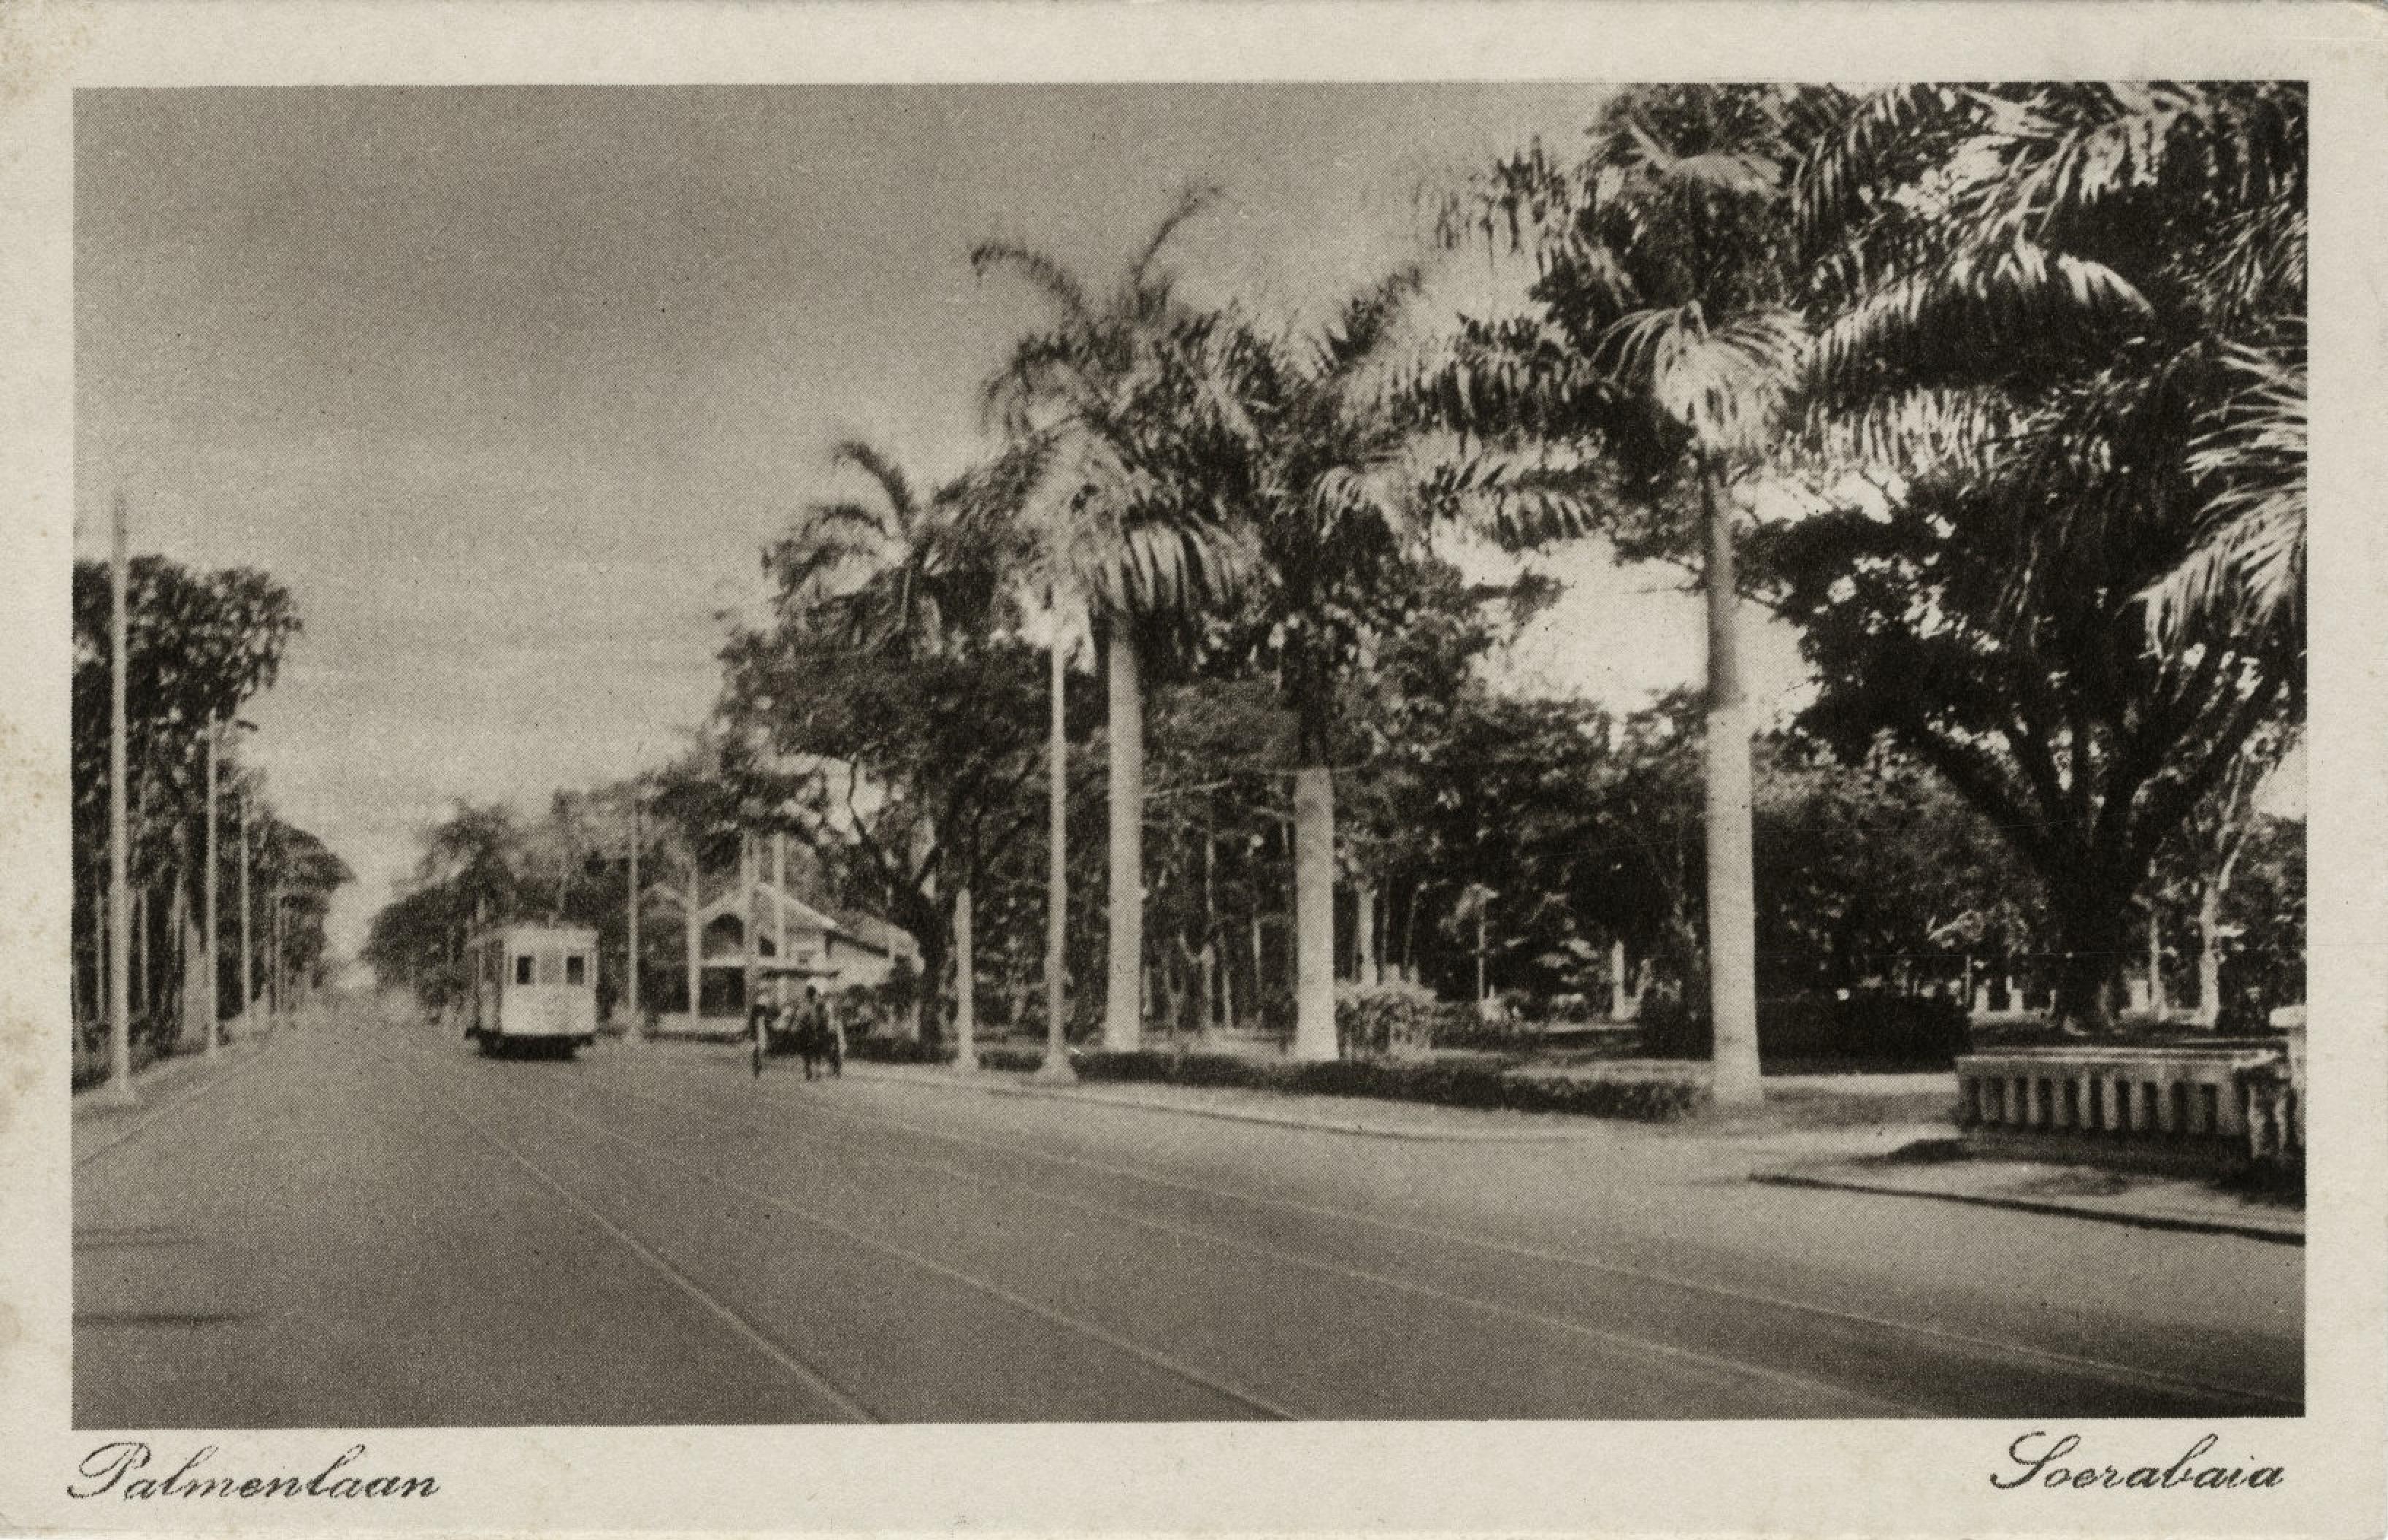 Palmenlaan Soerabaja Ca 1910 Sejarah Belanda Indonesia